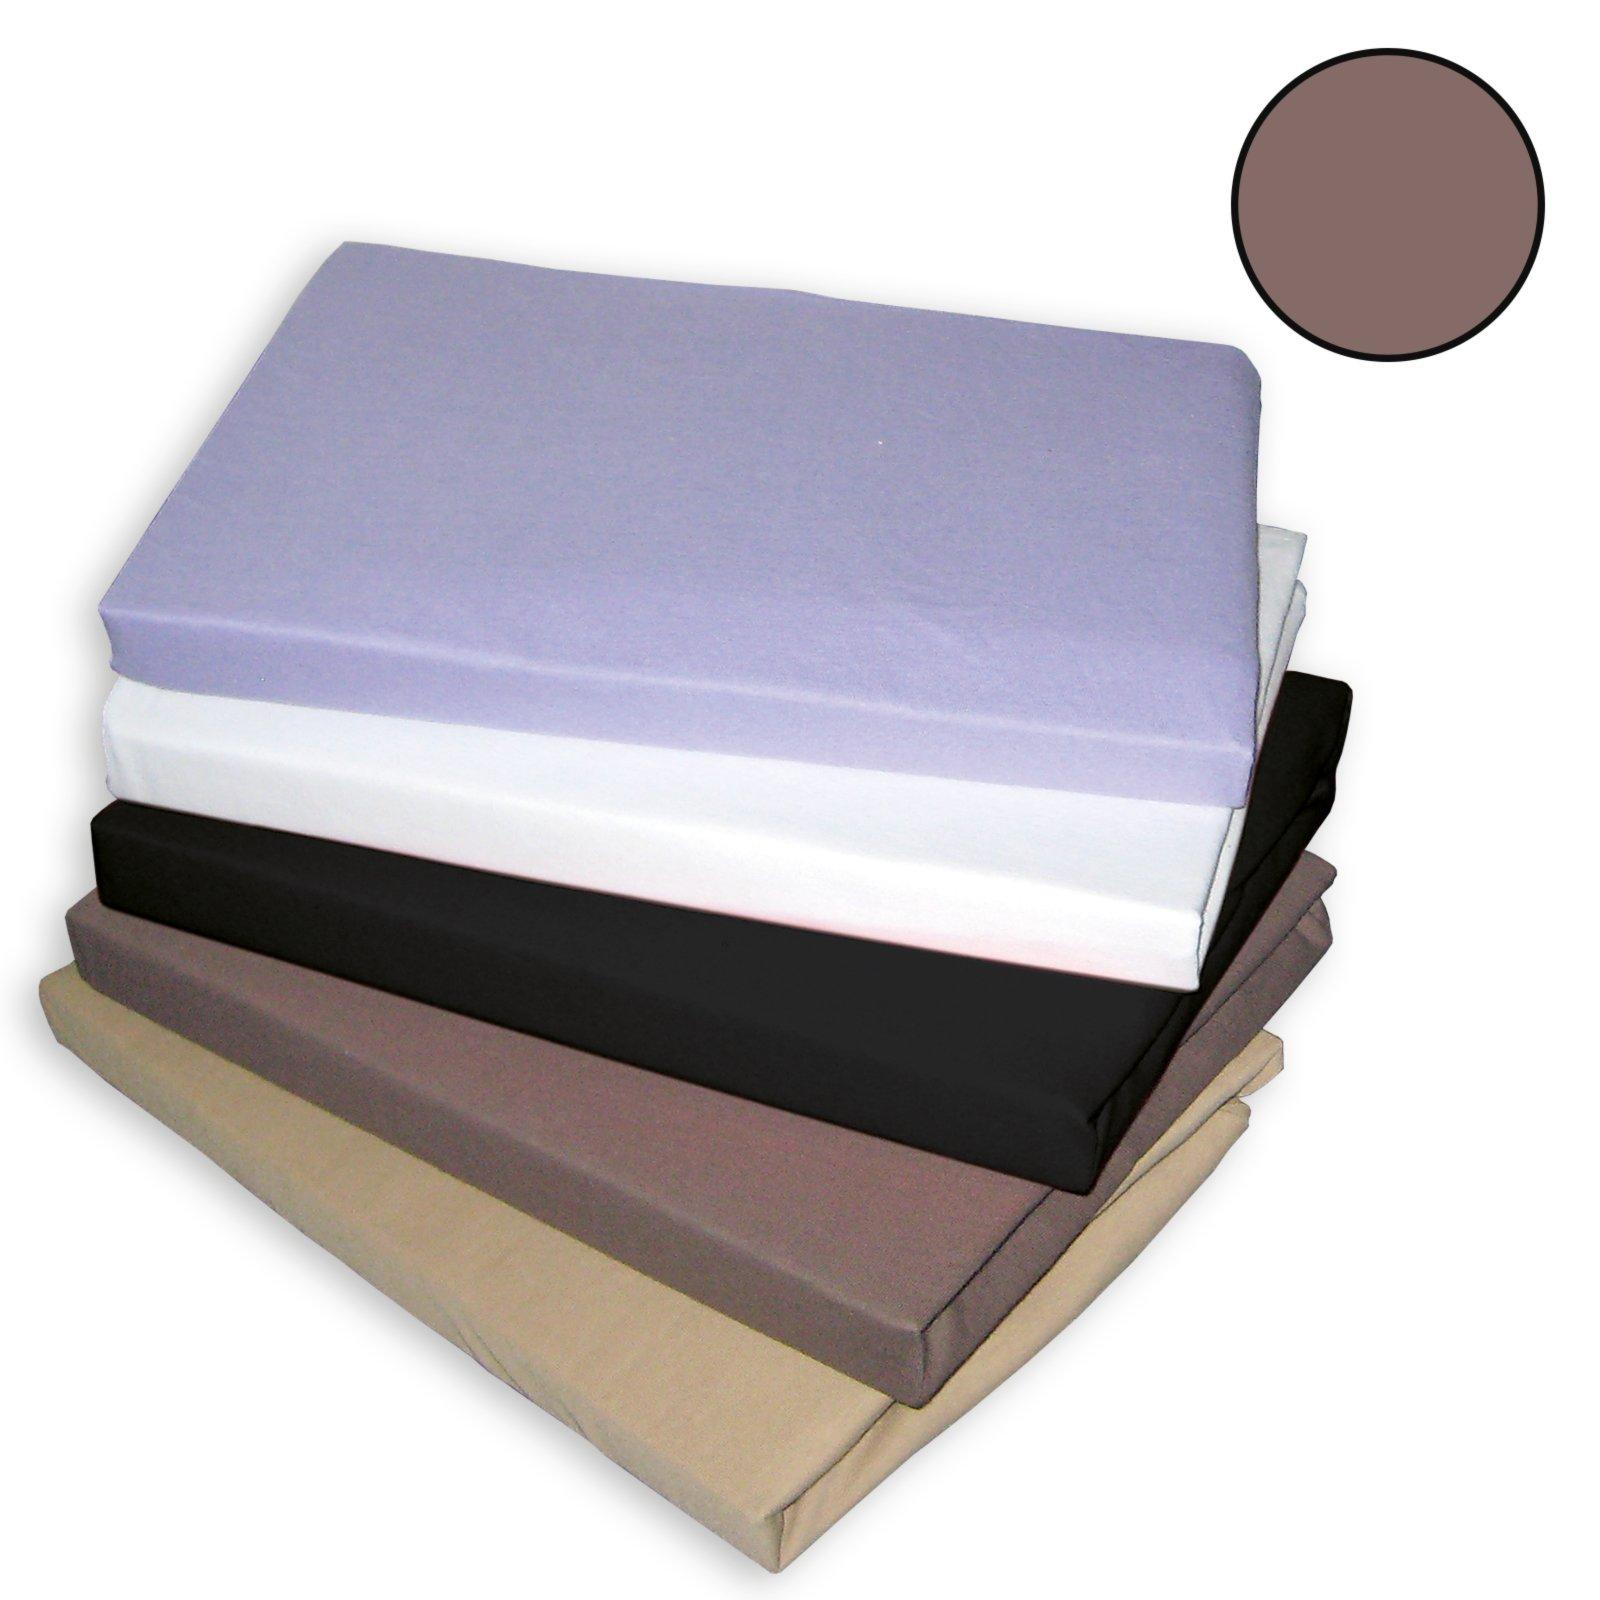 topper spannbettlaken traumhaft gut braun 100x200 cm. Black Bedroom Furniture Sets. Home Design Ideas